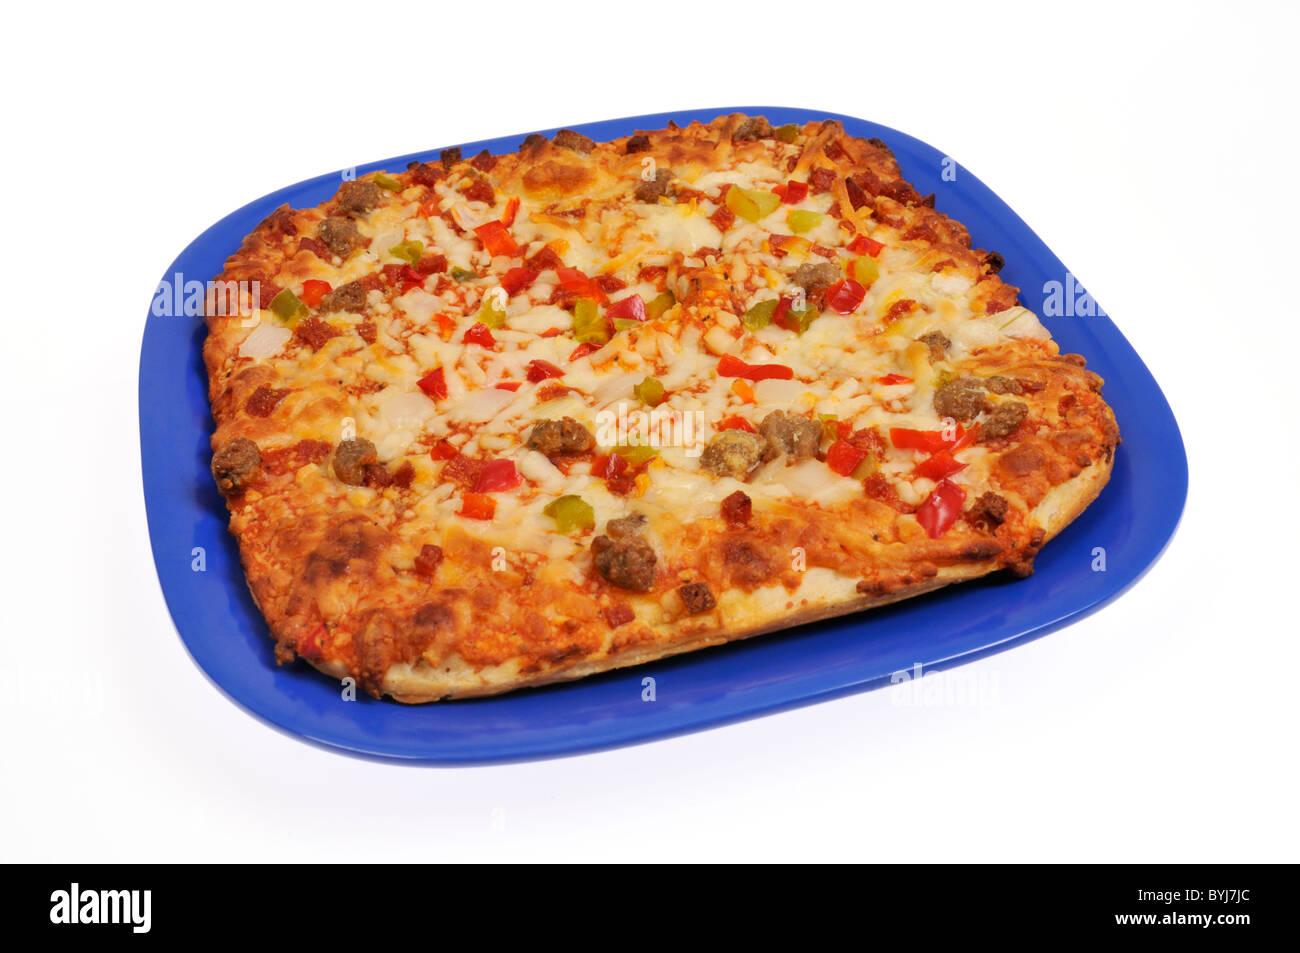 Rectángulo cocido pizza en placa azul sobre fondo blanco, recorte. Foto de stock